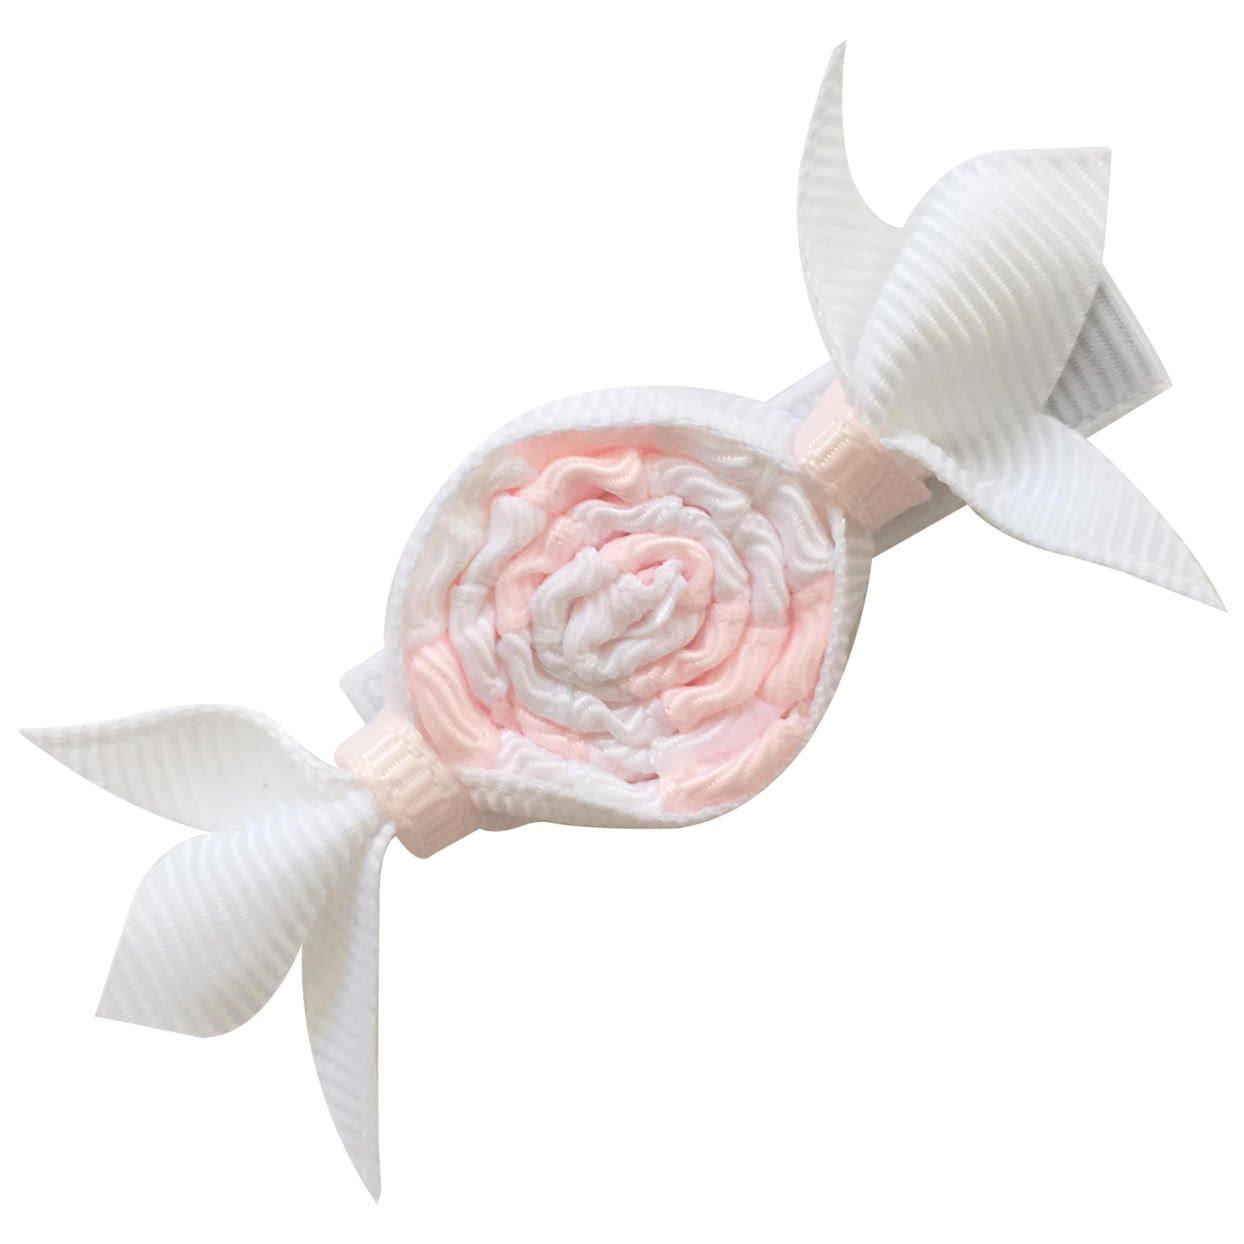 Image of Milledeux® Bonbon - alligator clip - powder pink